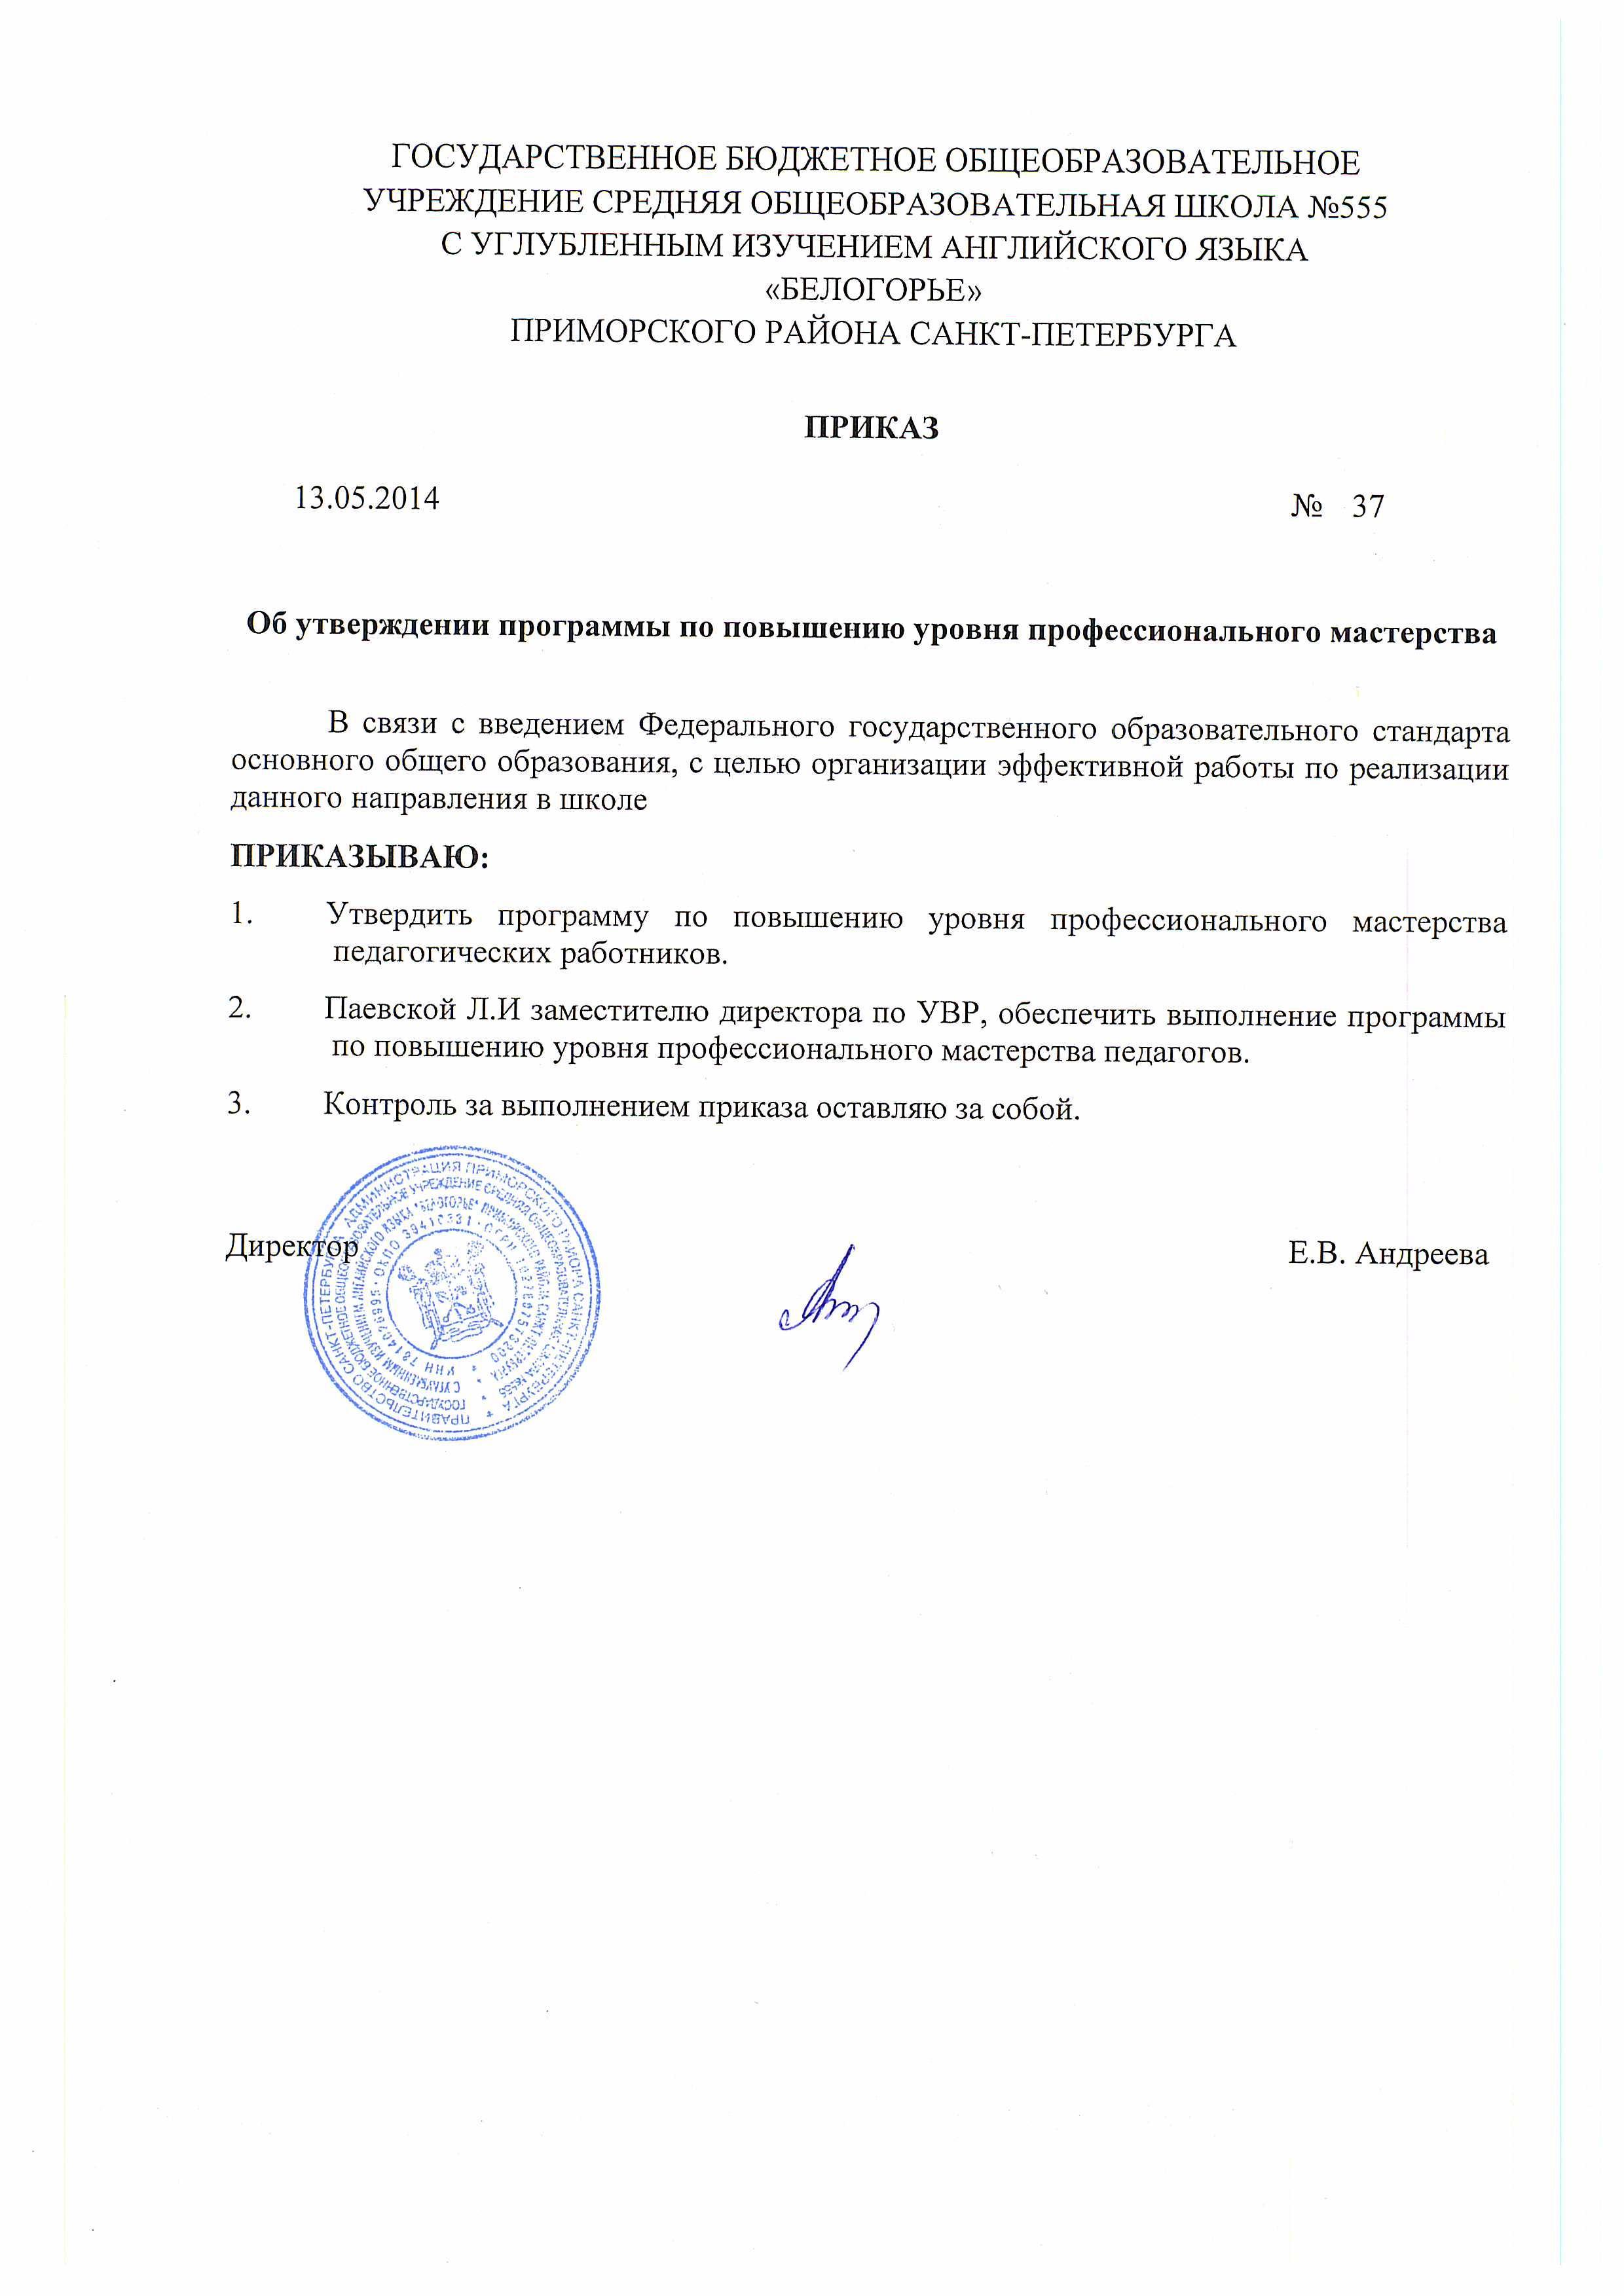 ГБОУ школа № Белогорье ФГОС Утверждение программы по пед мастерству